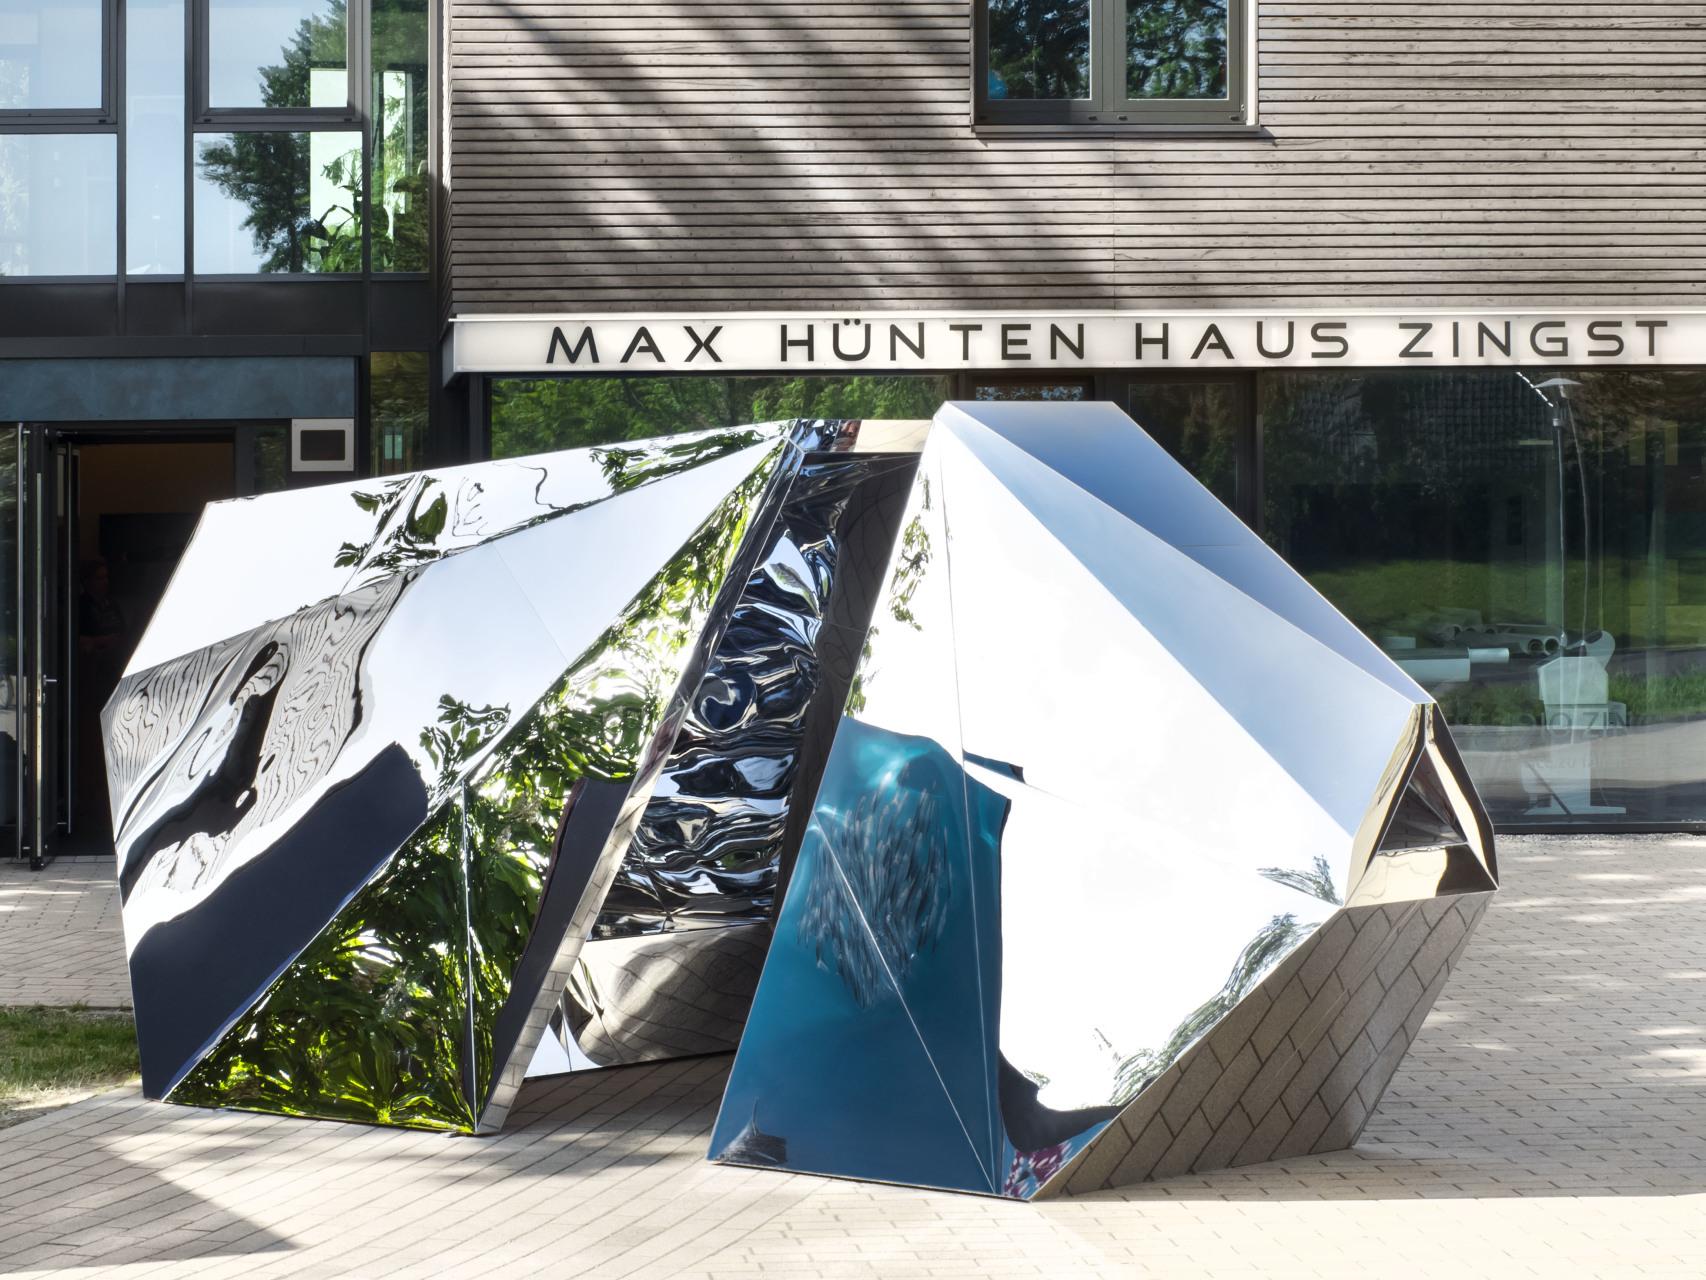 Taumascopio / Origami Mirror Kaleidoscope Art Installation / HorizonteZingst / Zingst / DE